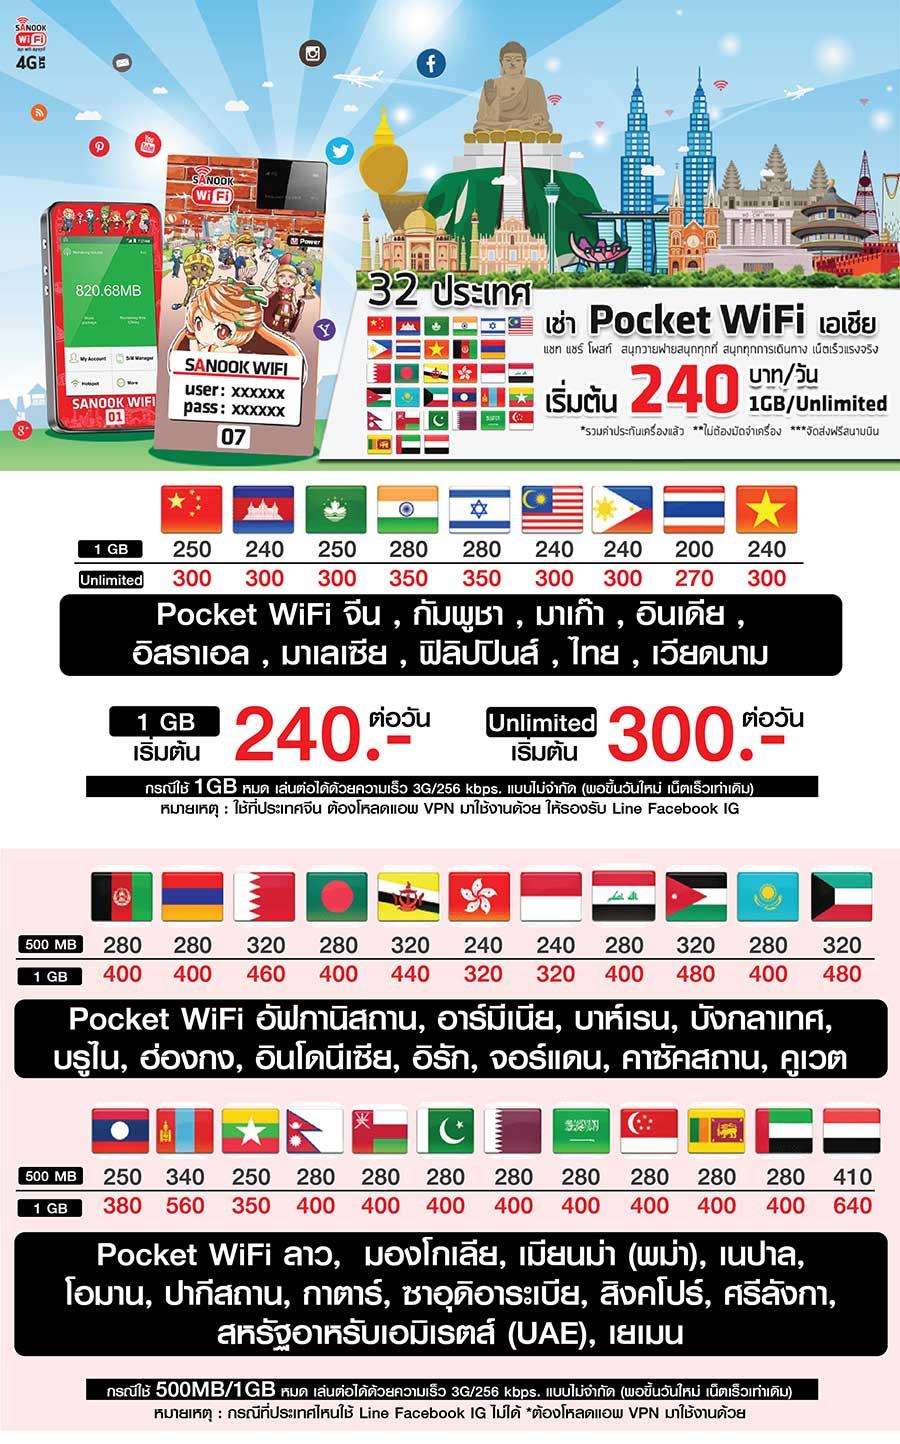 900_Asia-Pocket-WiFi-02